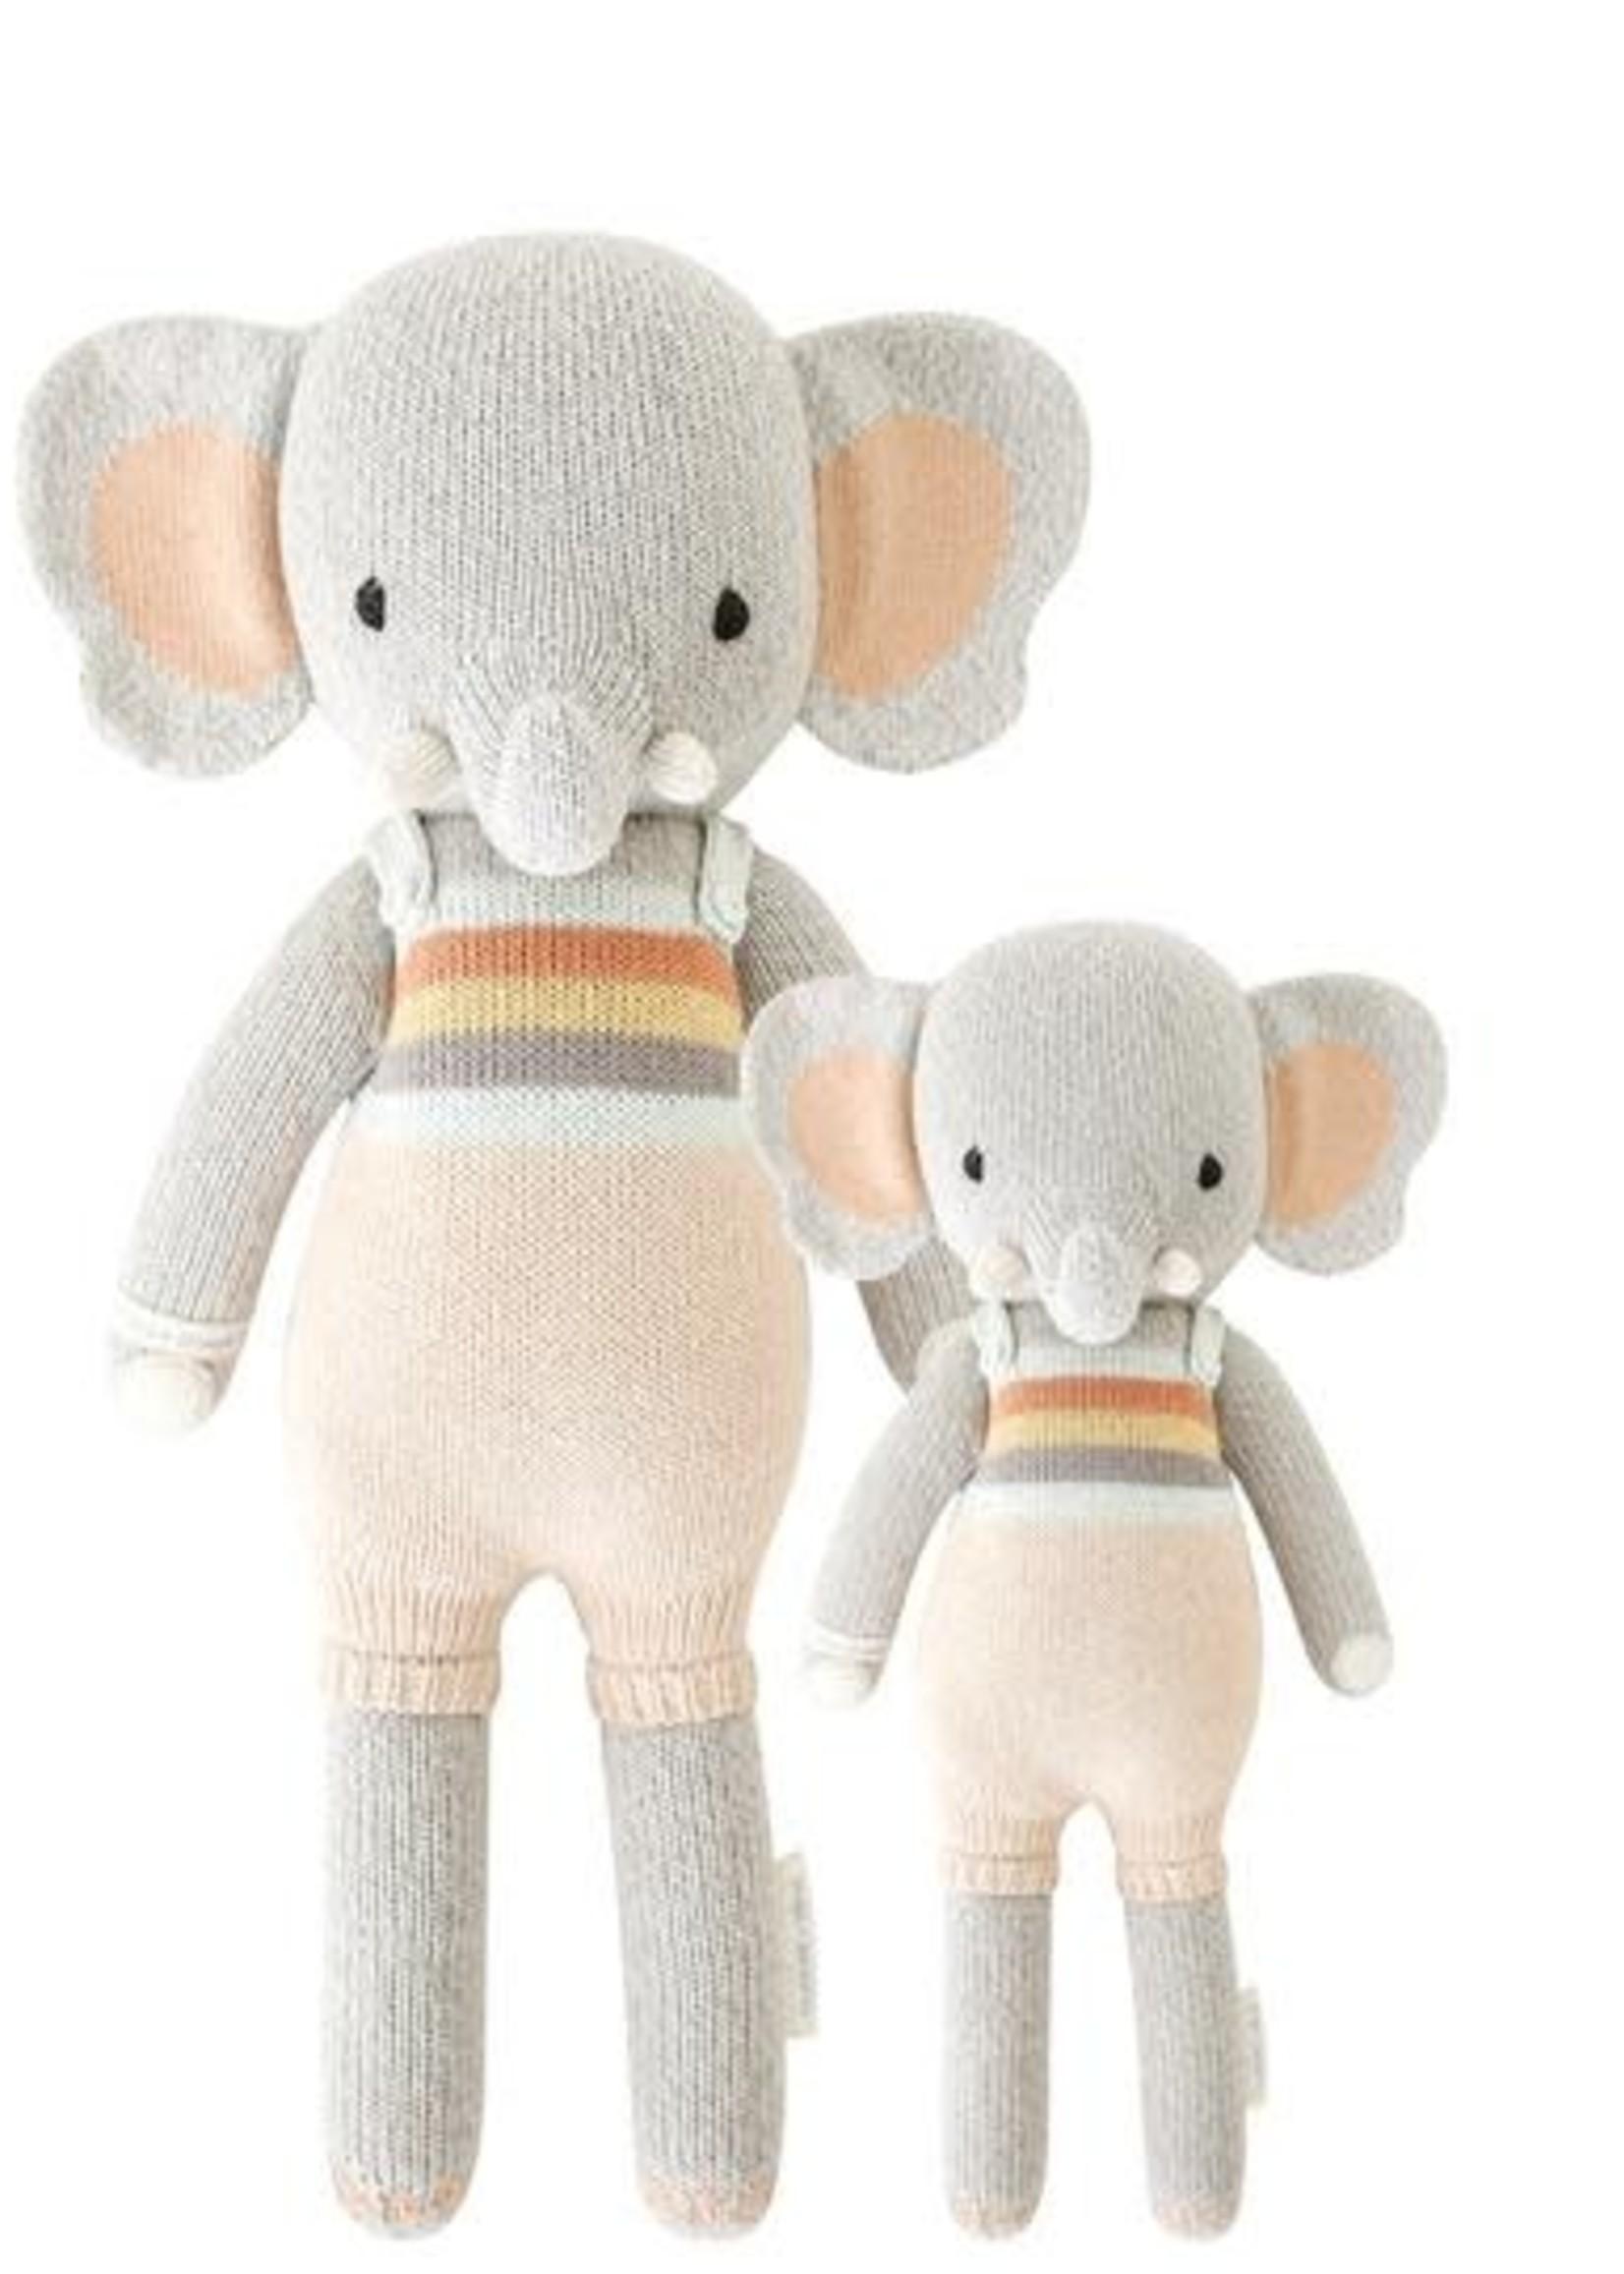 cuddle + kind Elephant Knit Doll EVAN